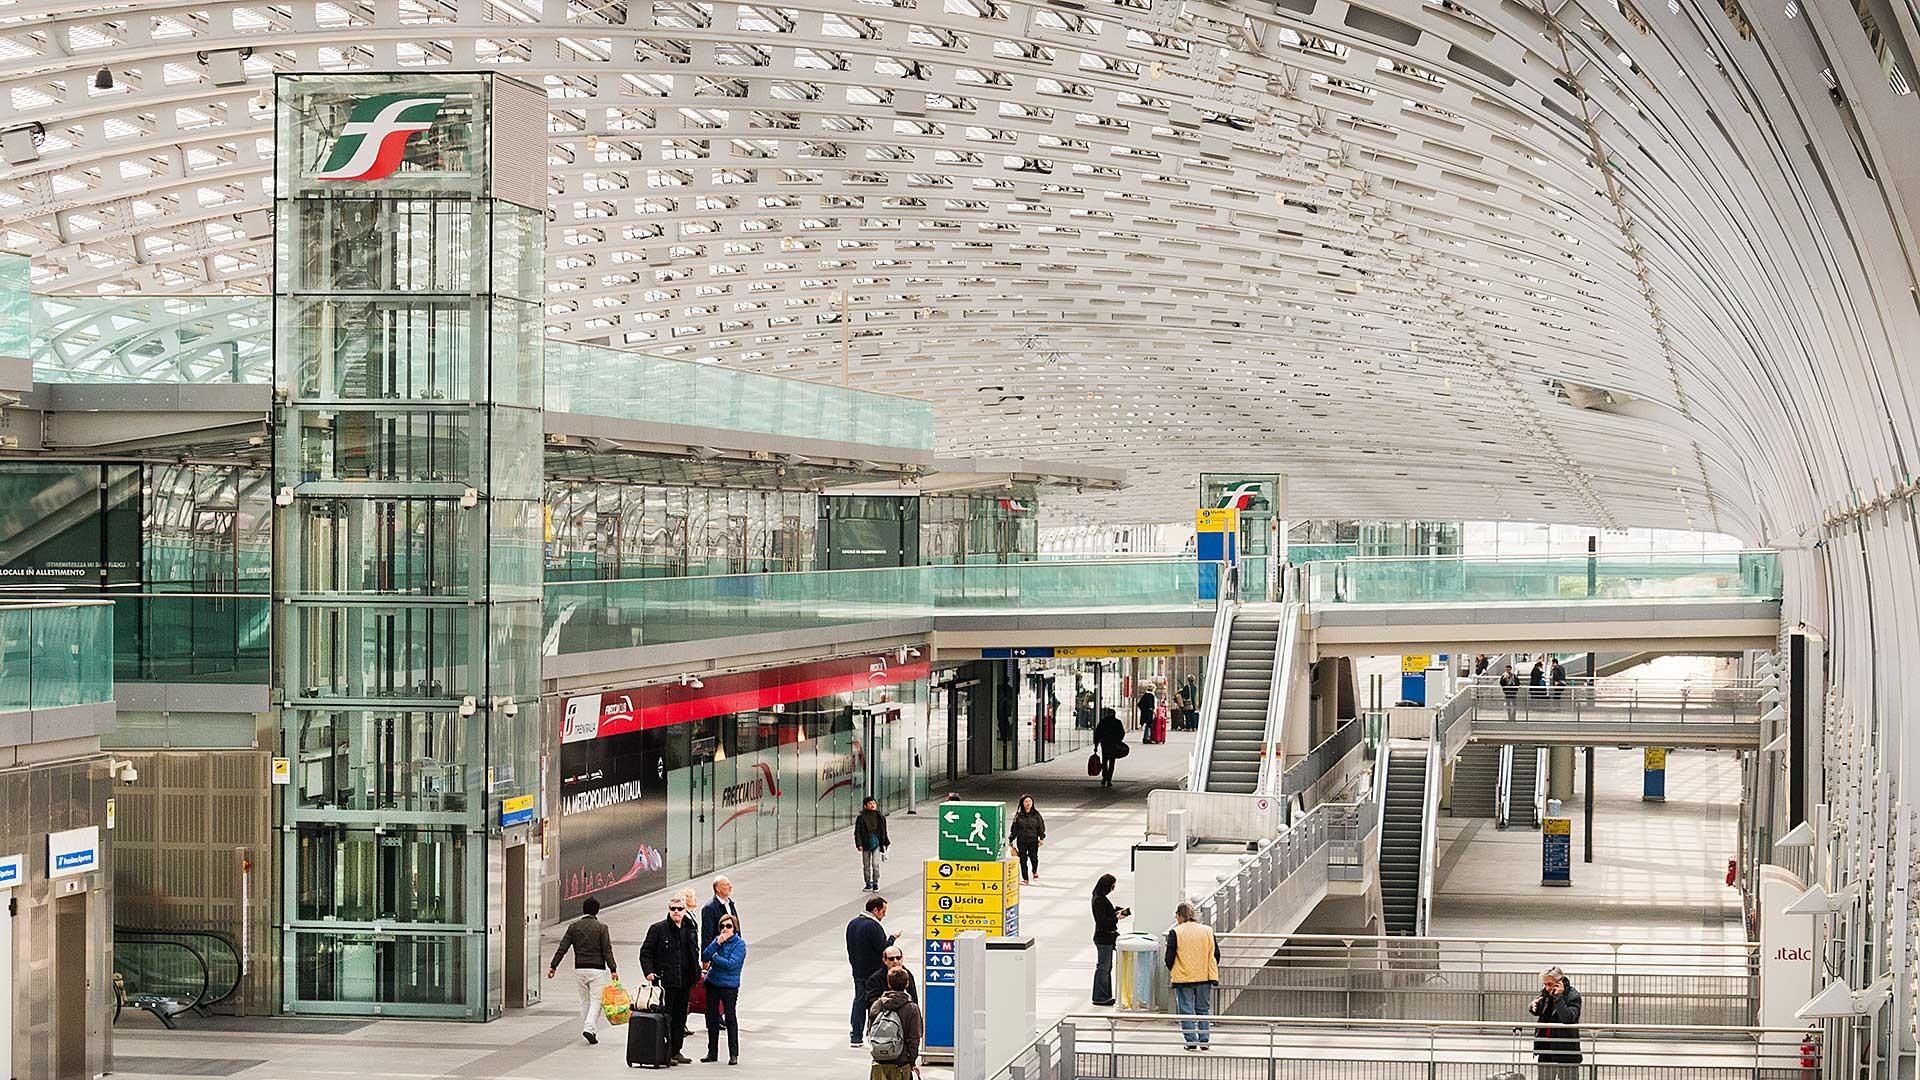 NEW ITALY - Arch. J.M.Duthilleul, E.Tricaud, S.Ascia, A.agnaghi. Stazione di Porta Susa, Torino